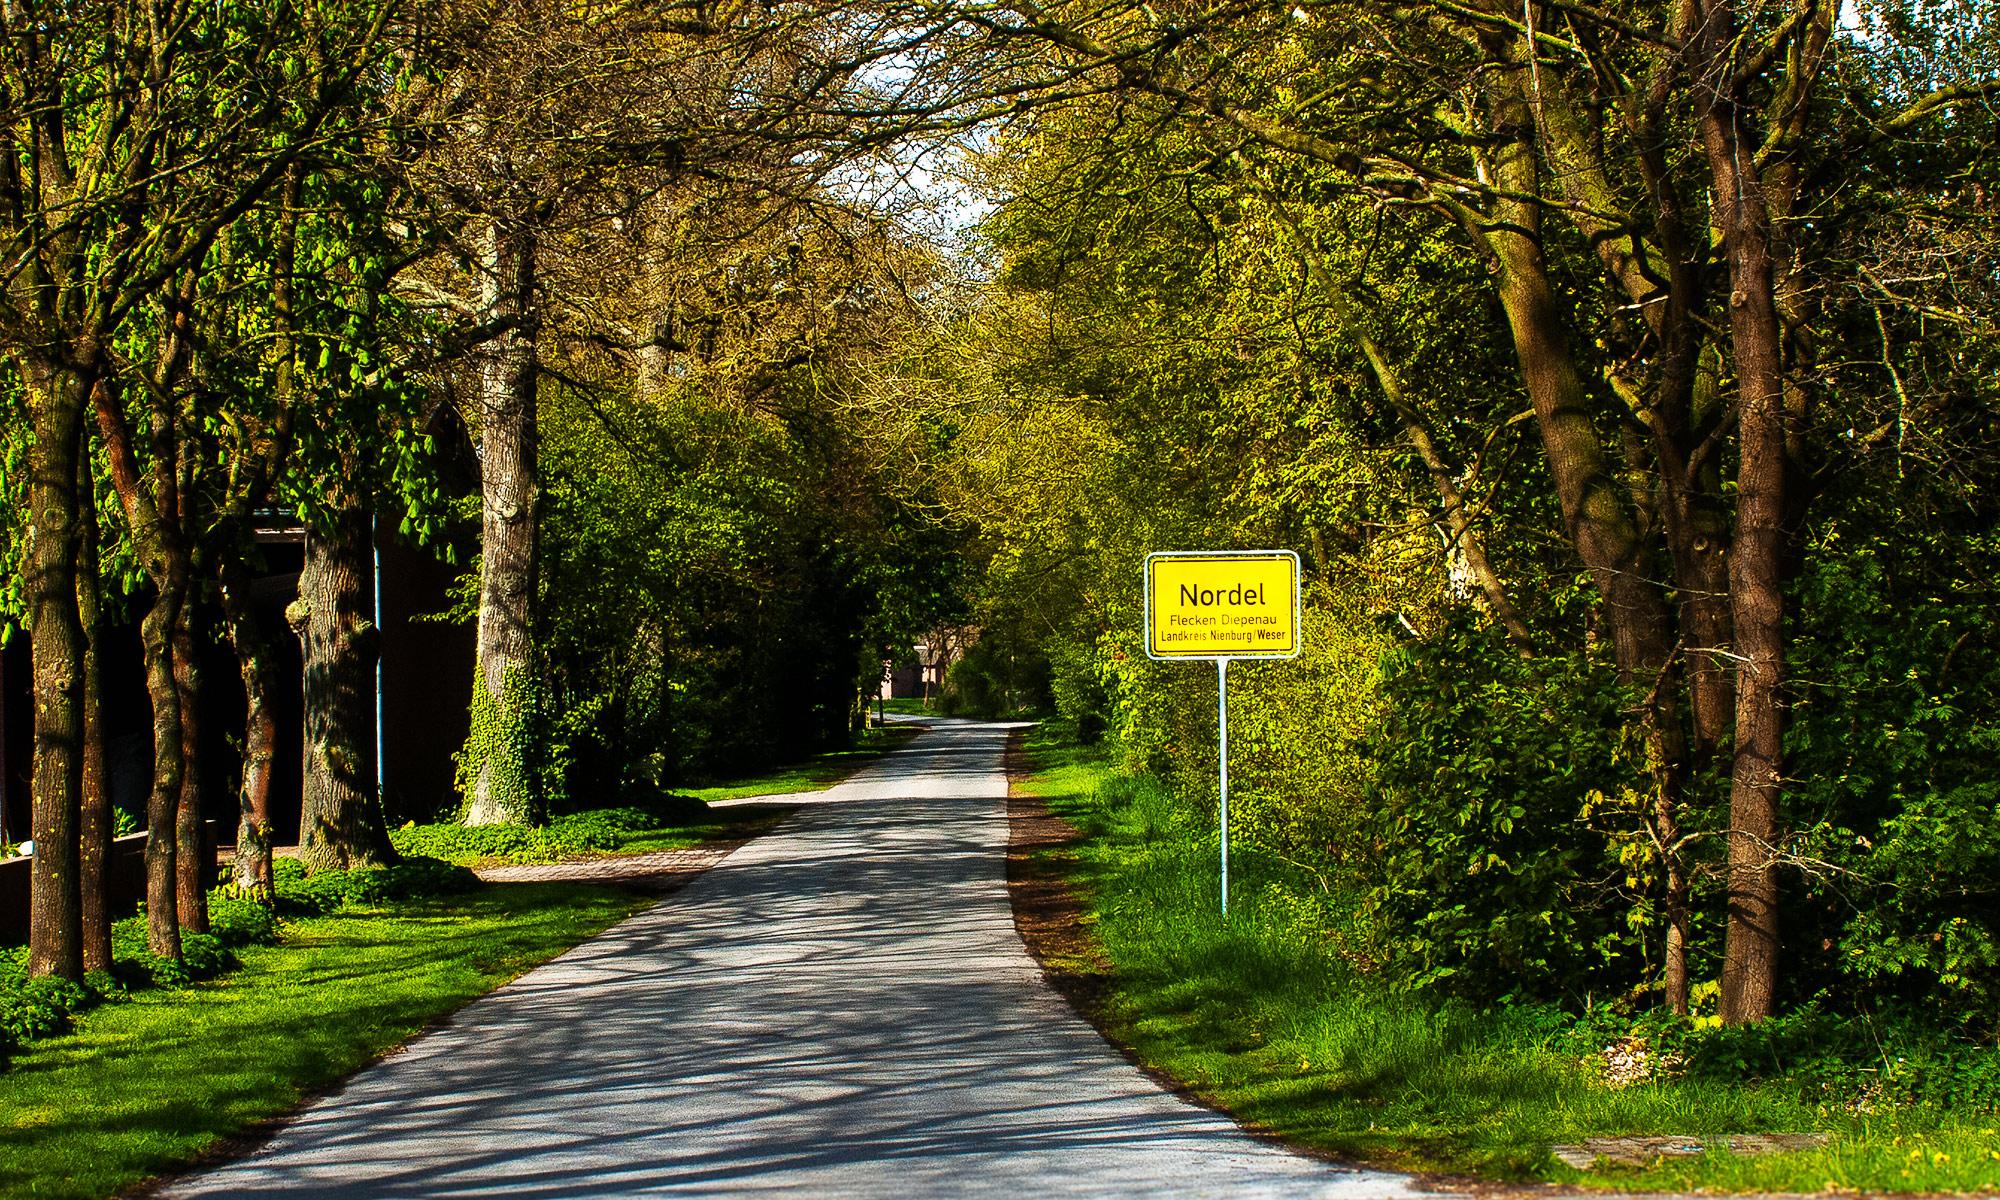 Nordel, Kreis Diepenau